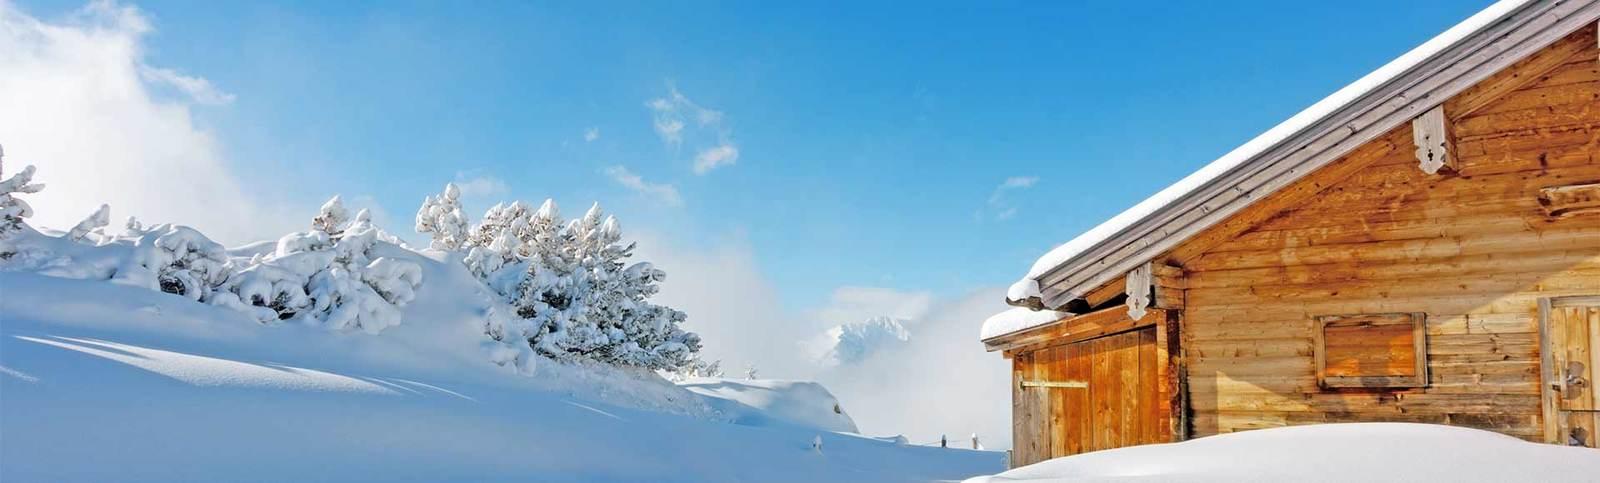 Vacanze in montagna, sport e benessere